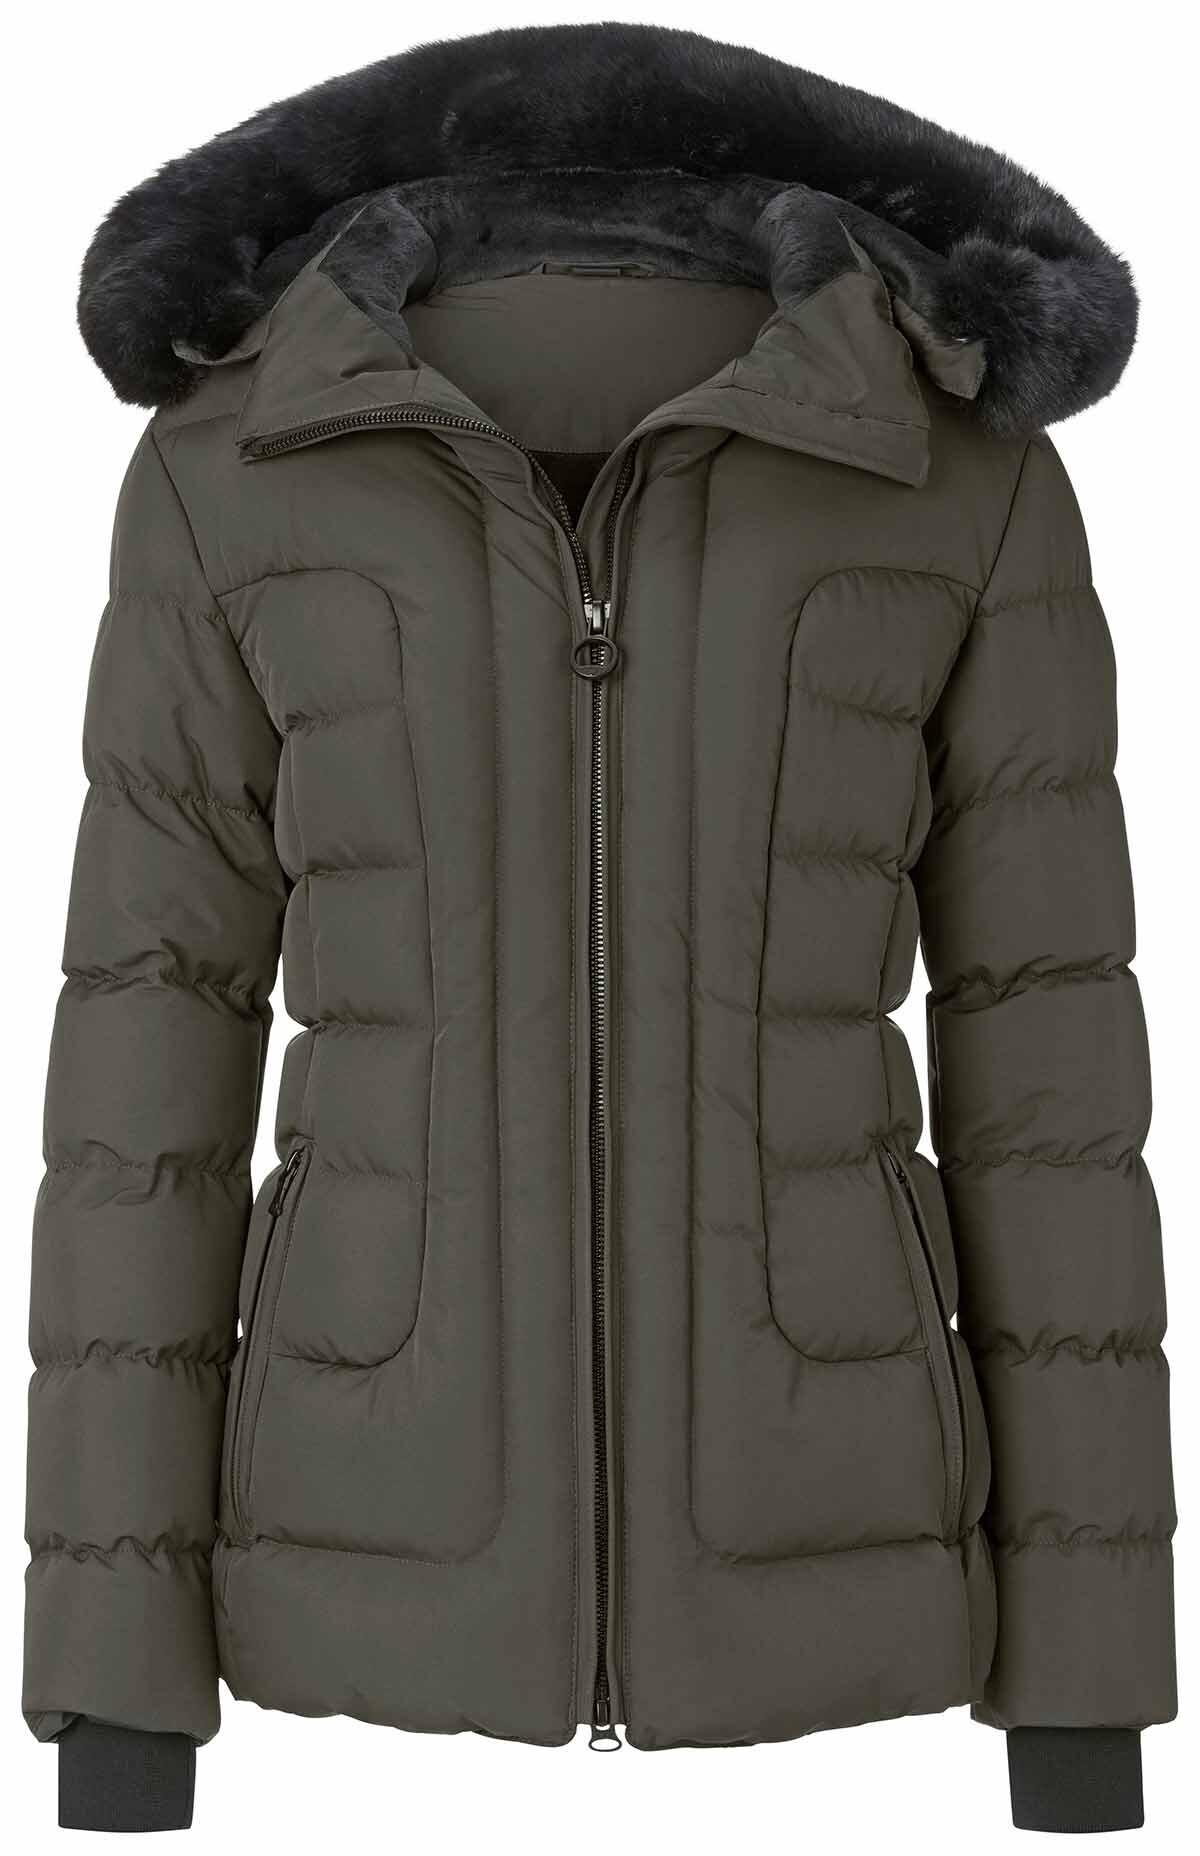 3d28e7e1e5f932 WELLENSTEYN Belvedere Medium Jacke blackarmy - Krüger Kleidung